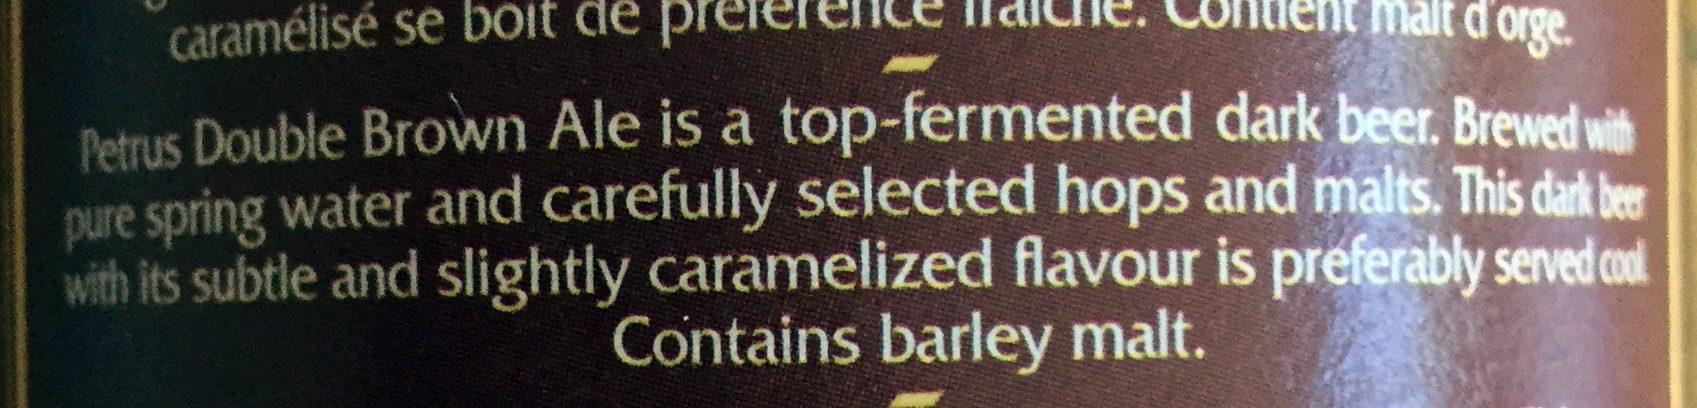 Dubbel bruin - Ingredients - en